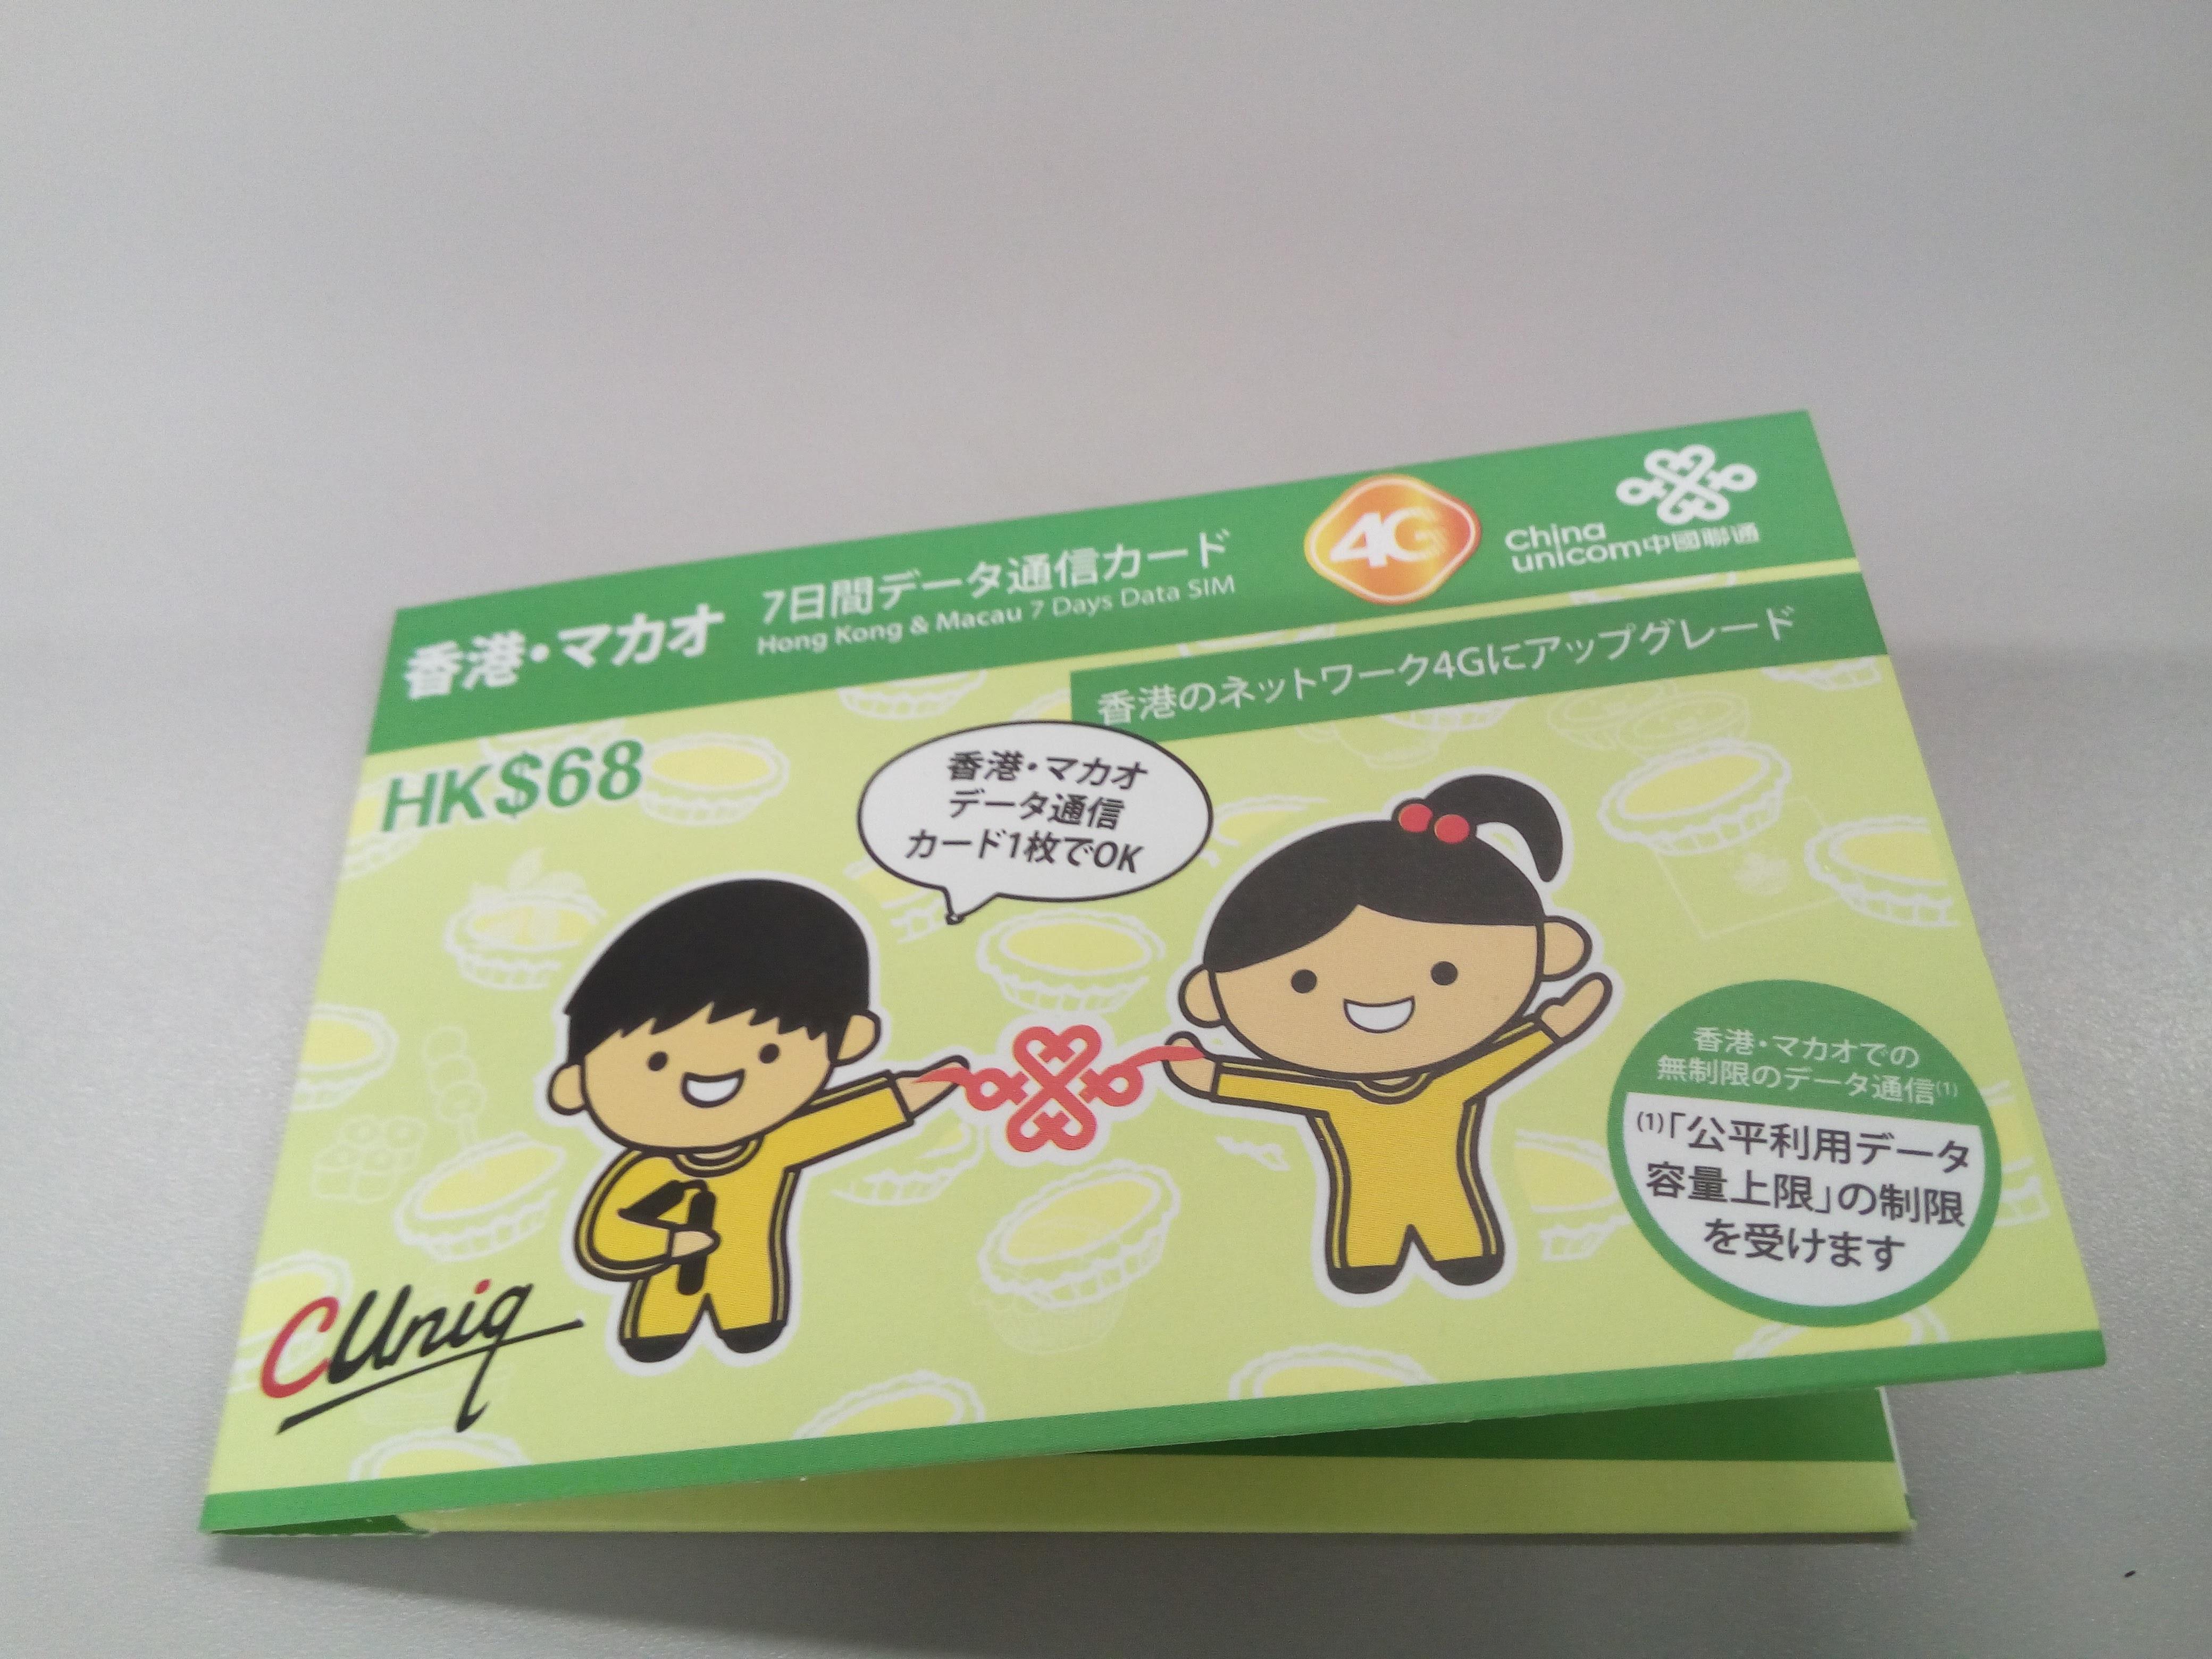 香港のSIMをAmazonで買ったら安くて楽1